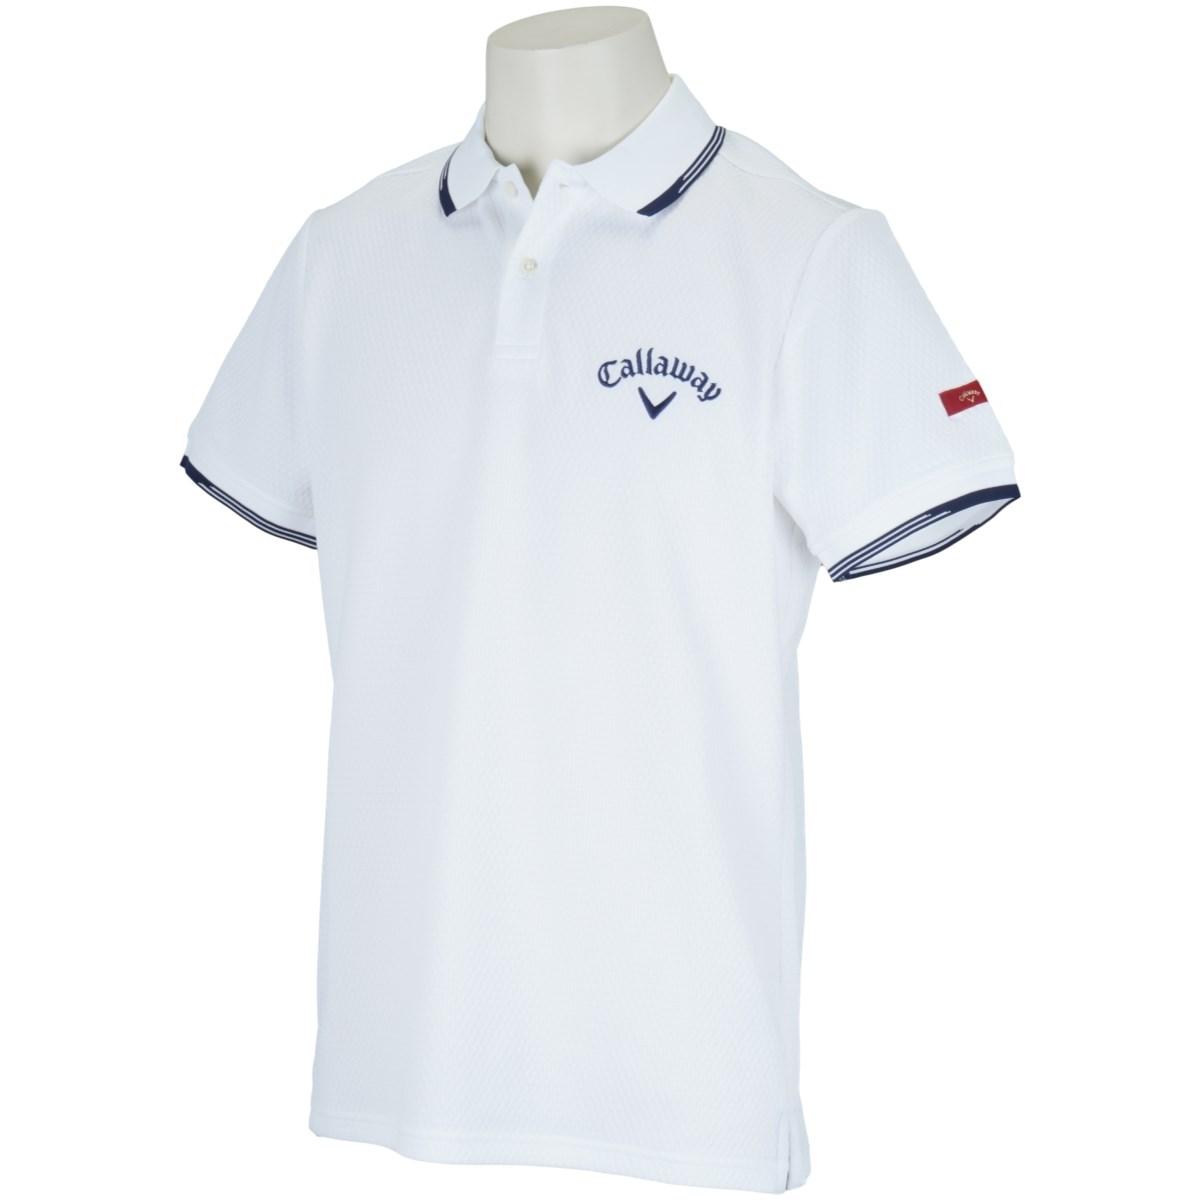 キャロウェイゴルフ CALLAWAY RED LABEL 半袖ポロシャツ M ホワイト 030